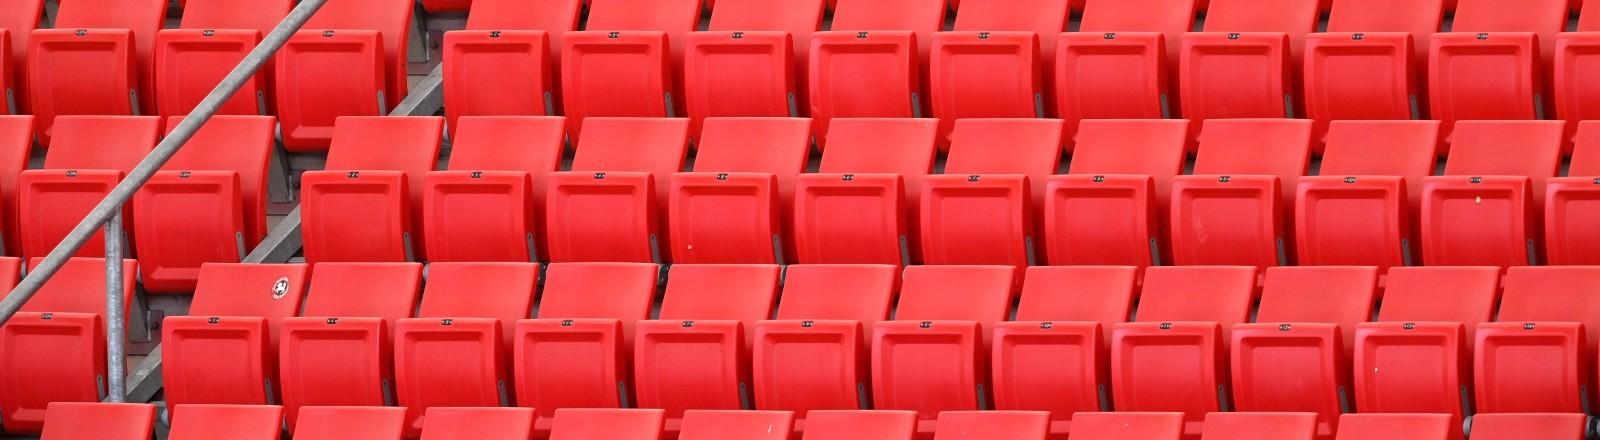 Eine leere Tribüne mit roten Sitzen im Fußballstadion von Stuttgart